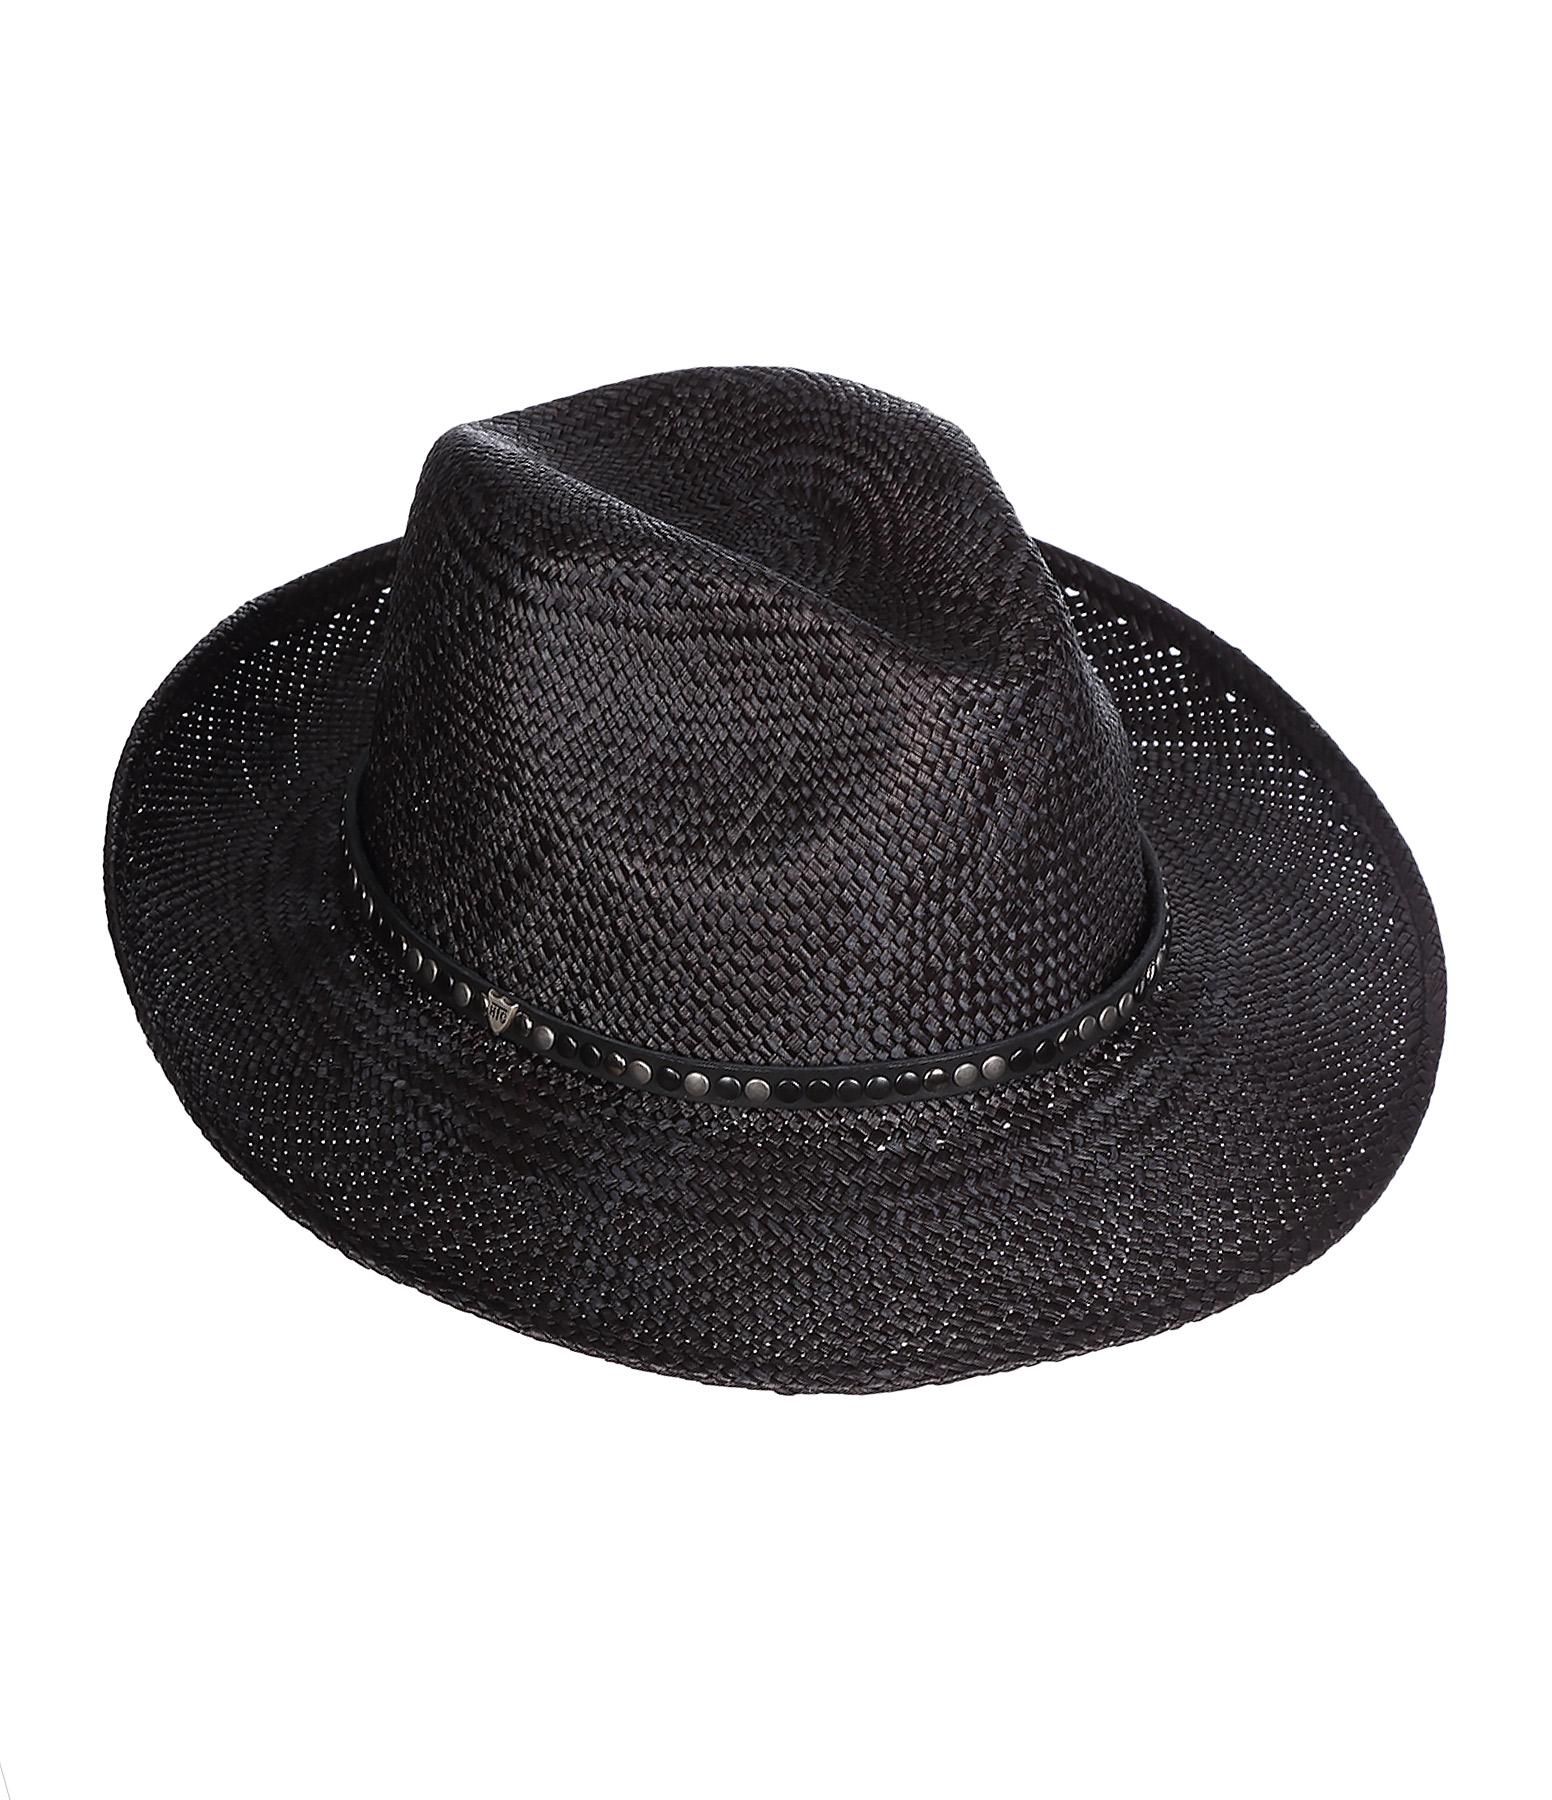 Chapeau Rocky Barnes Paille Noir